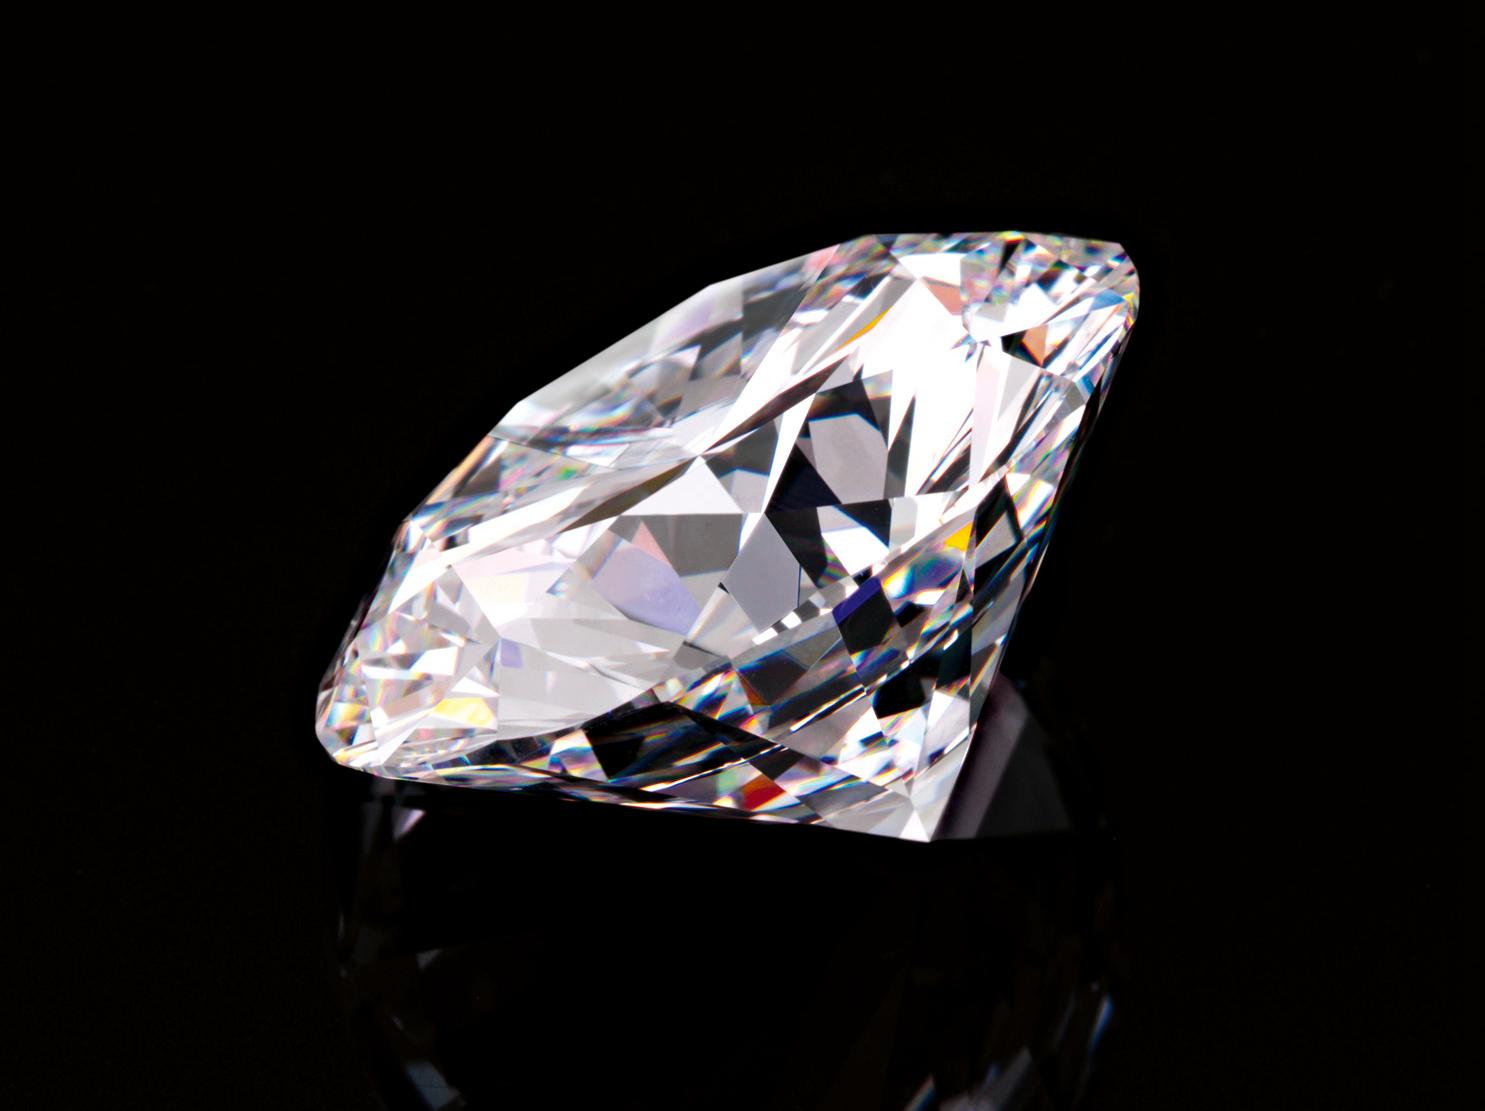 Самые красивые бриллианты в мире фото как французский